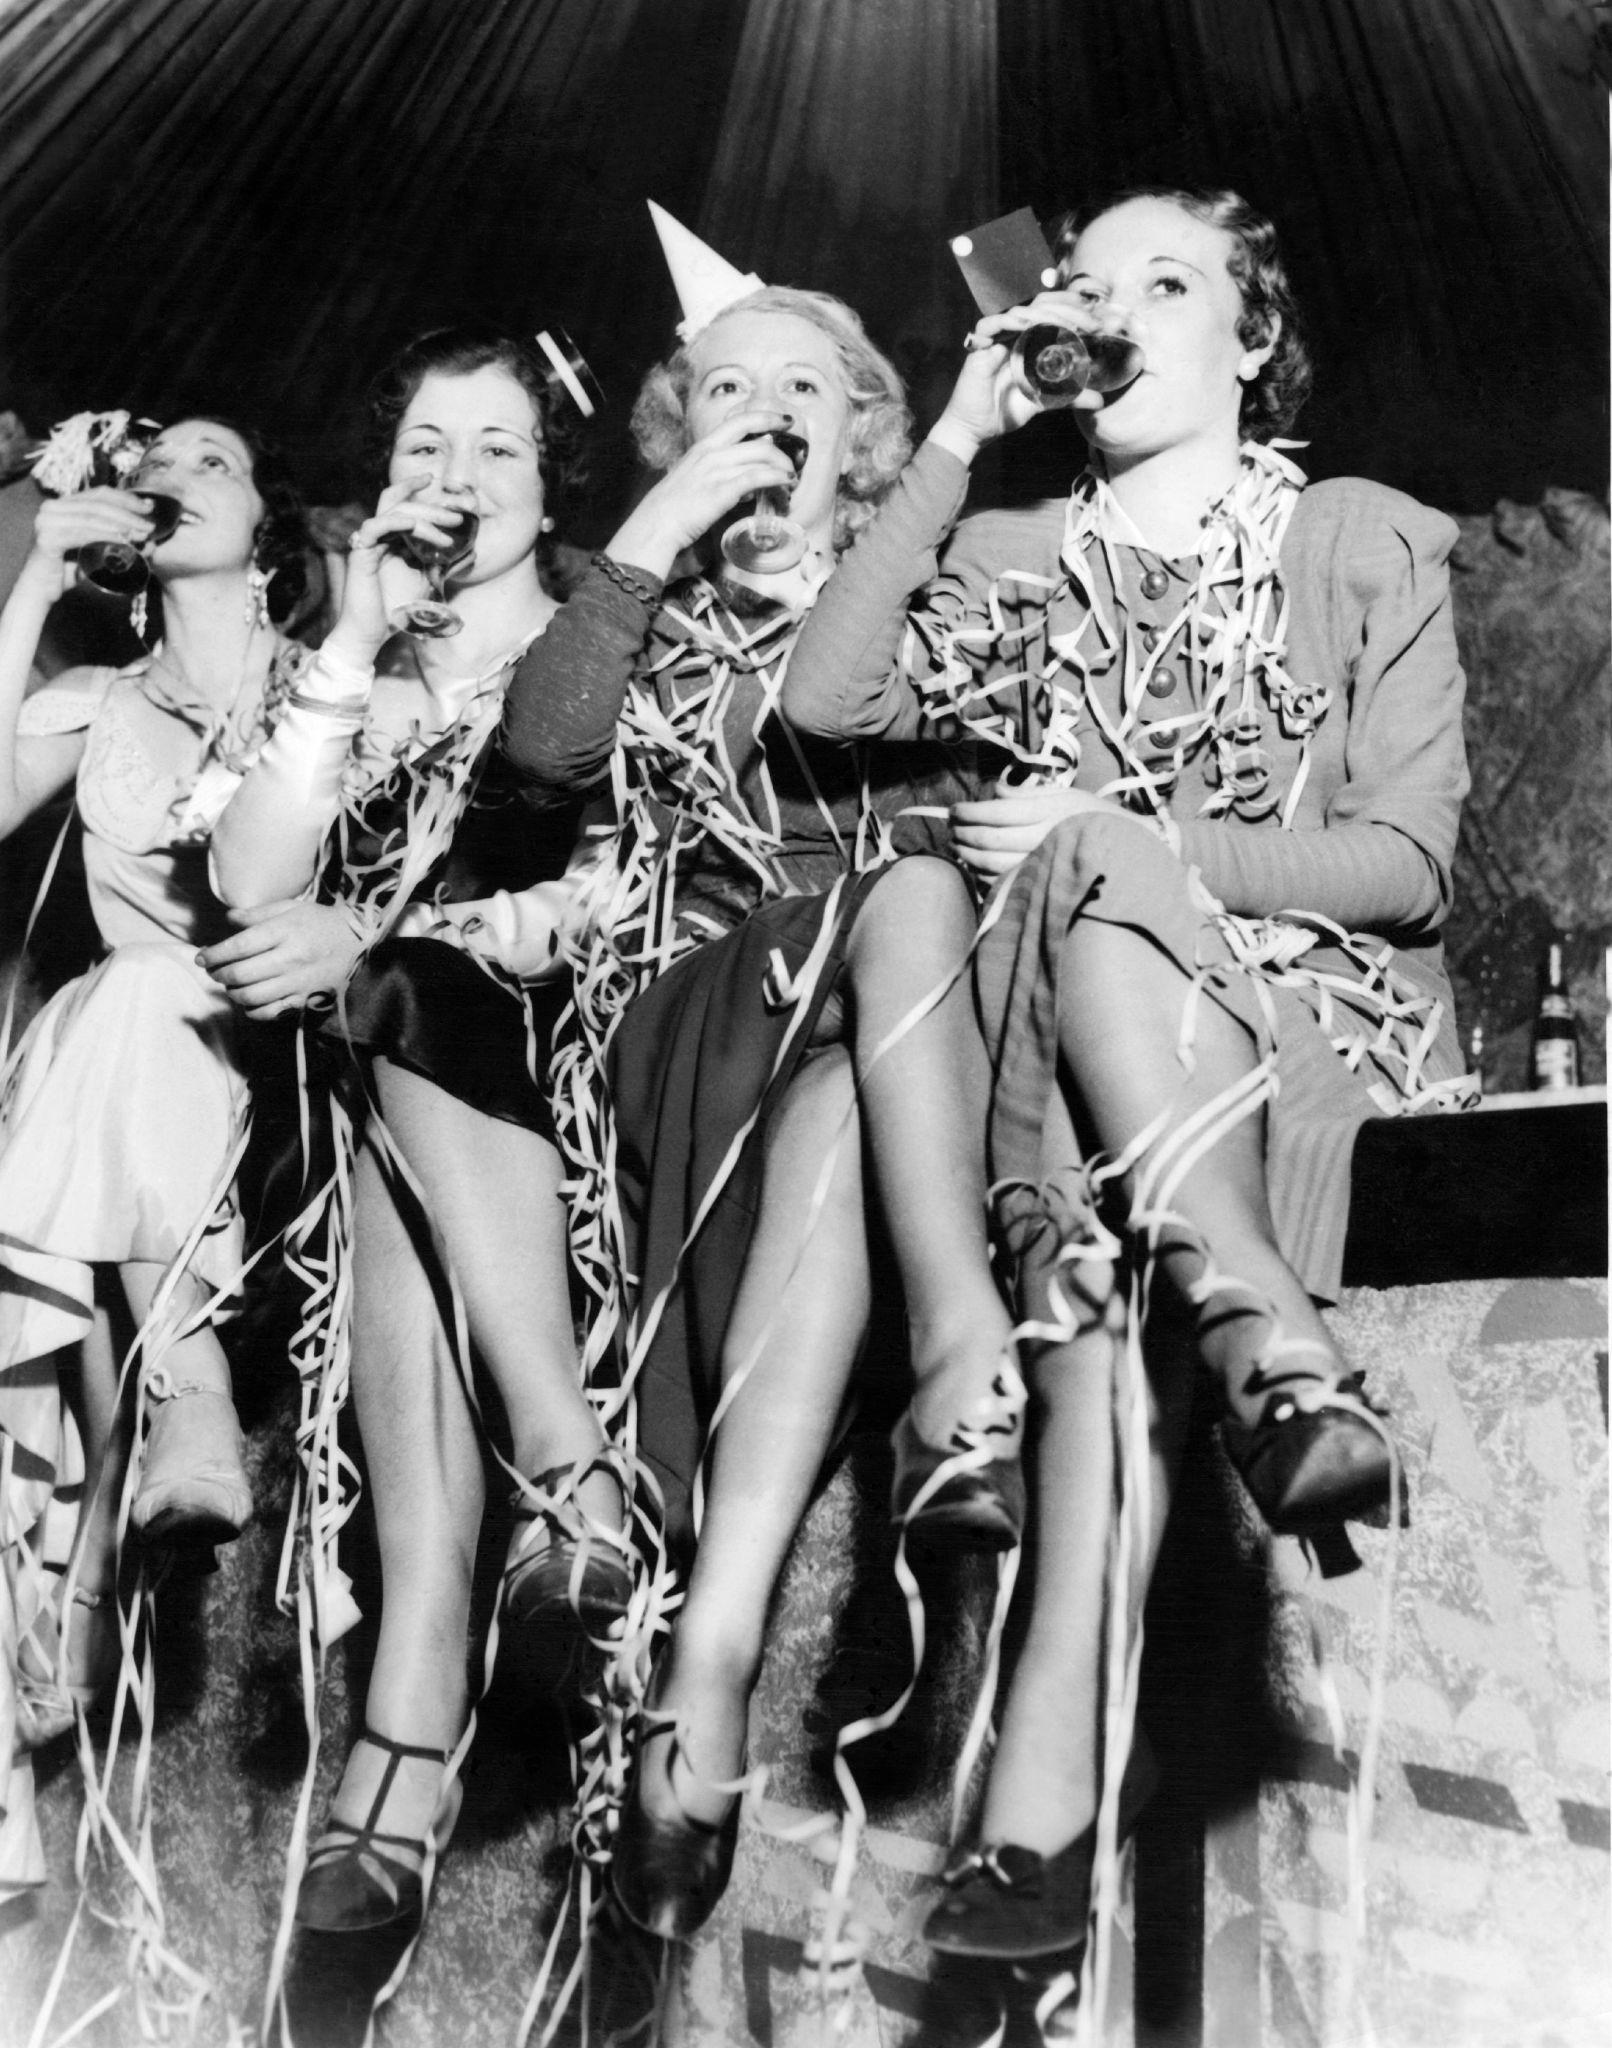 1932. Молодые женщины делают во время празднования Нового года в Соединенных Штатах, в ночь с 31 декабря на 1 января.jpg